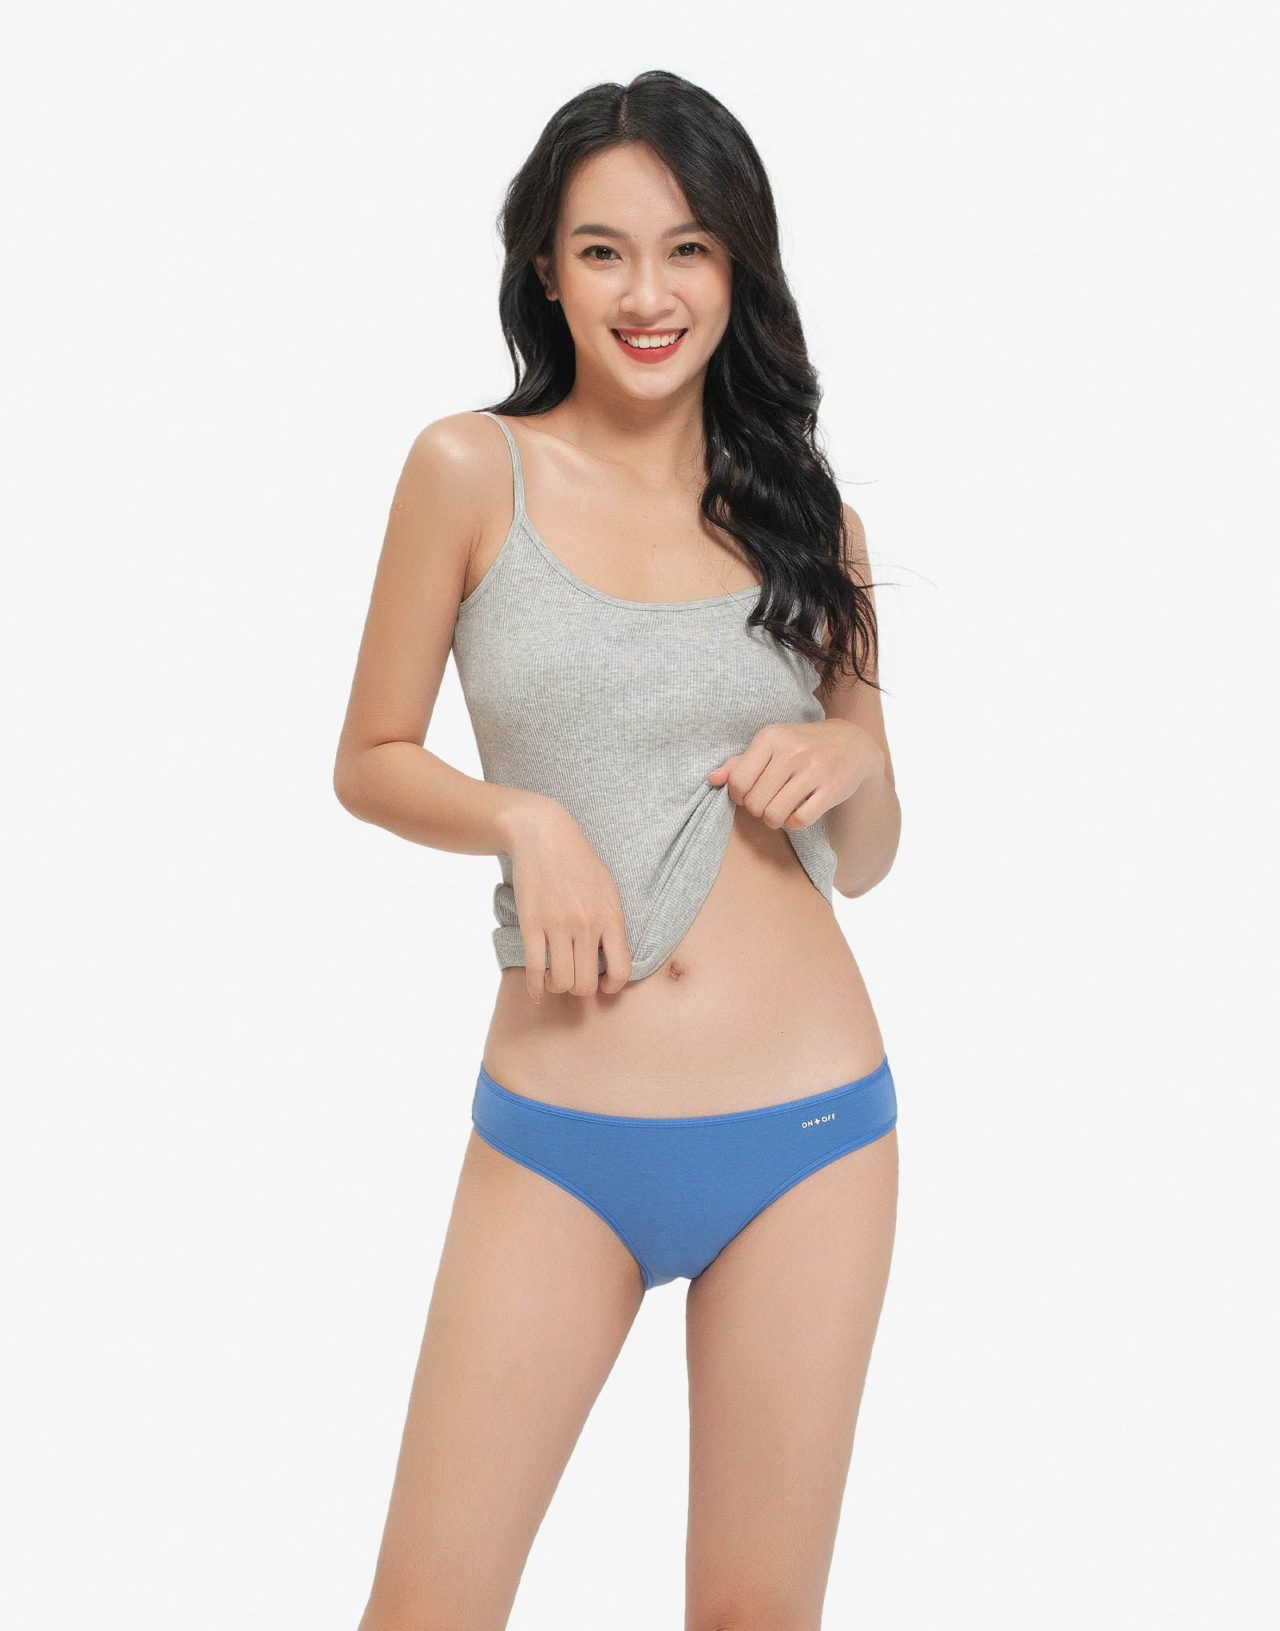 Các chất liệu vải may quần lót nữ